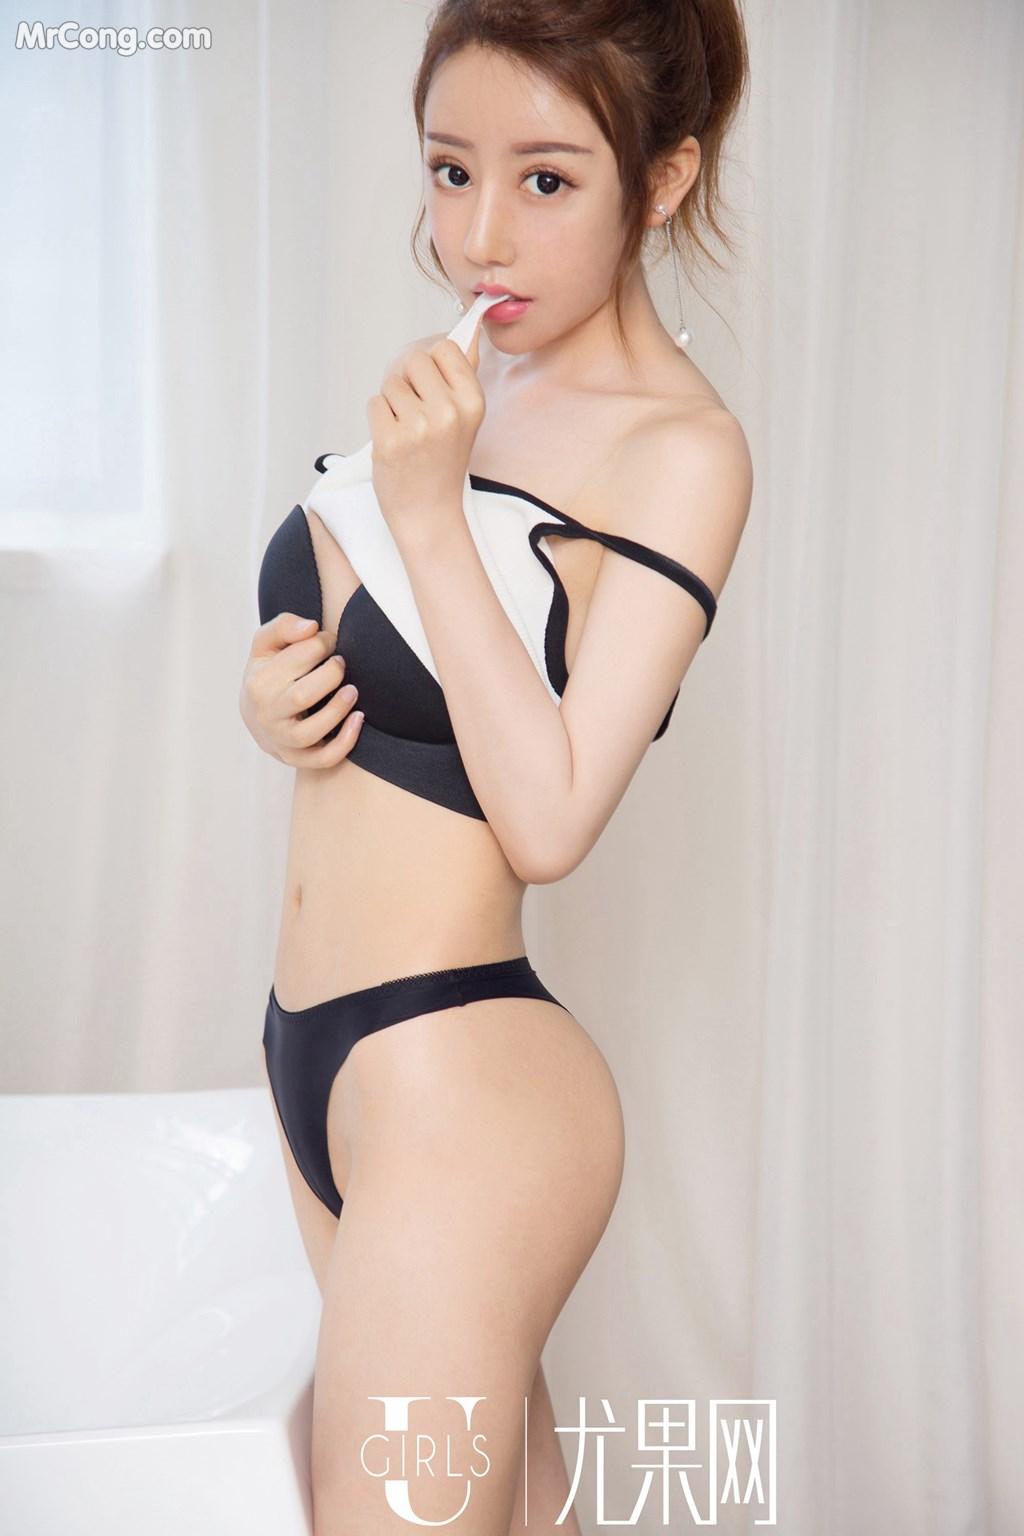 Image UGIRLS-U406-Xia-Yao-MrCong.com-002 in post UGIRLS U406: Người mẫu Xia Yao (夏瑶) (66 ảnh)